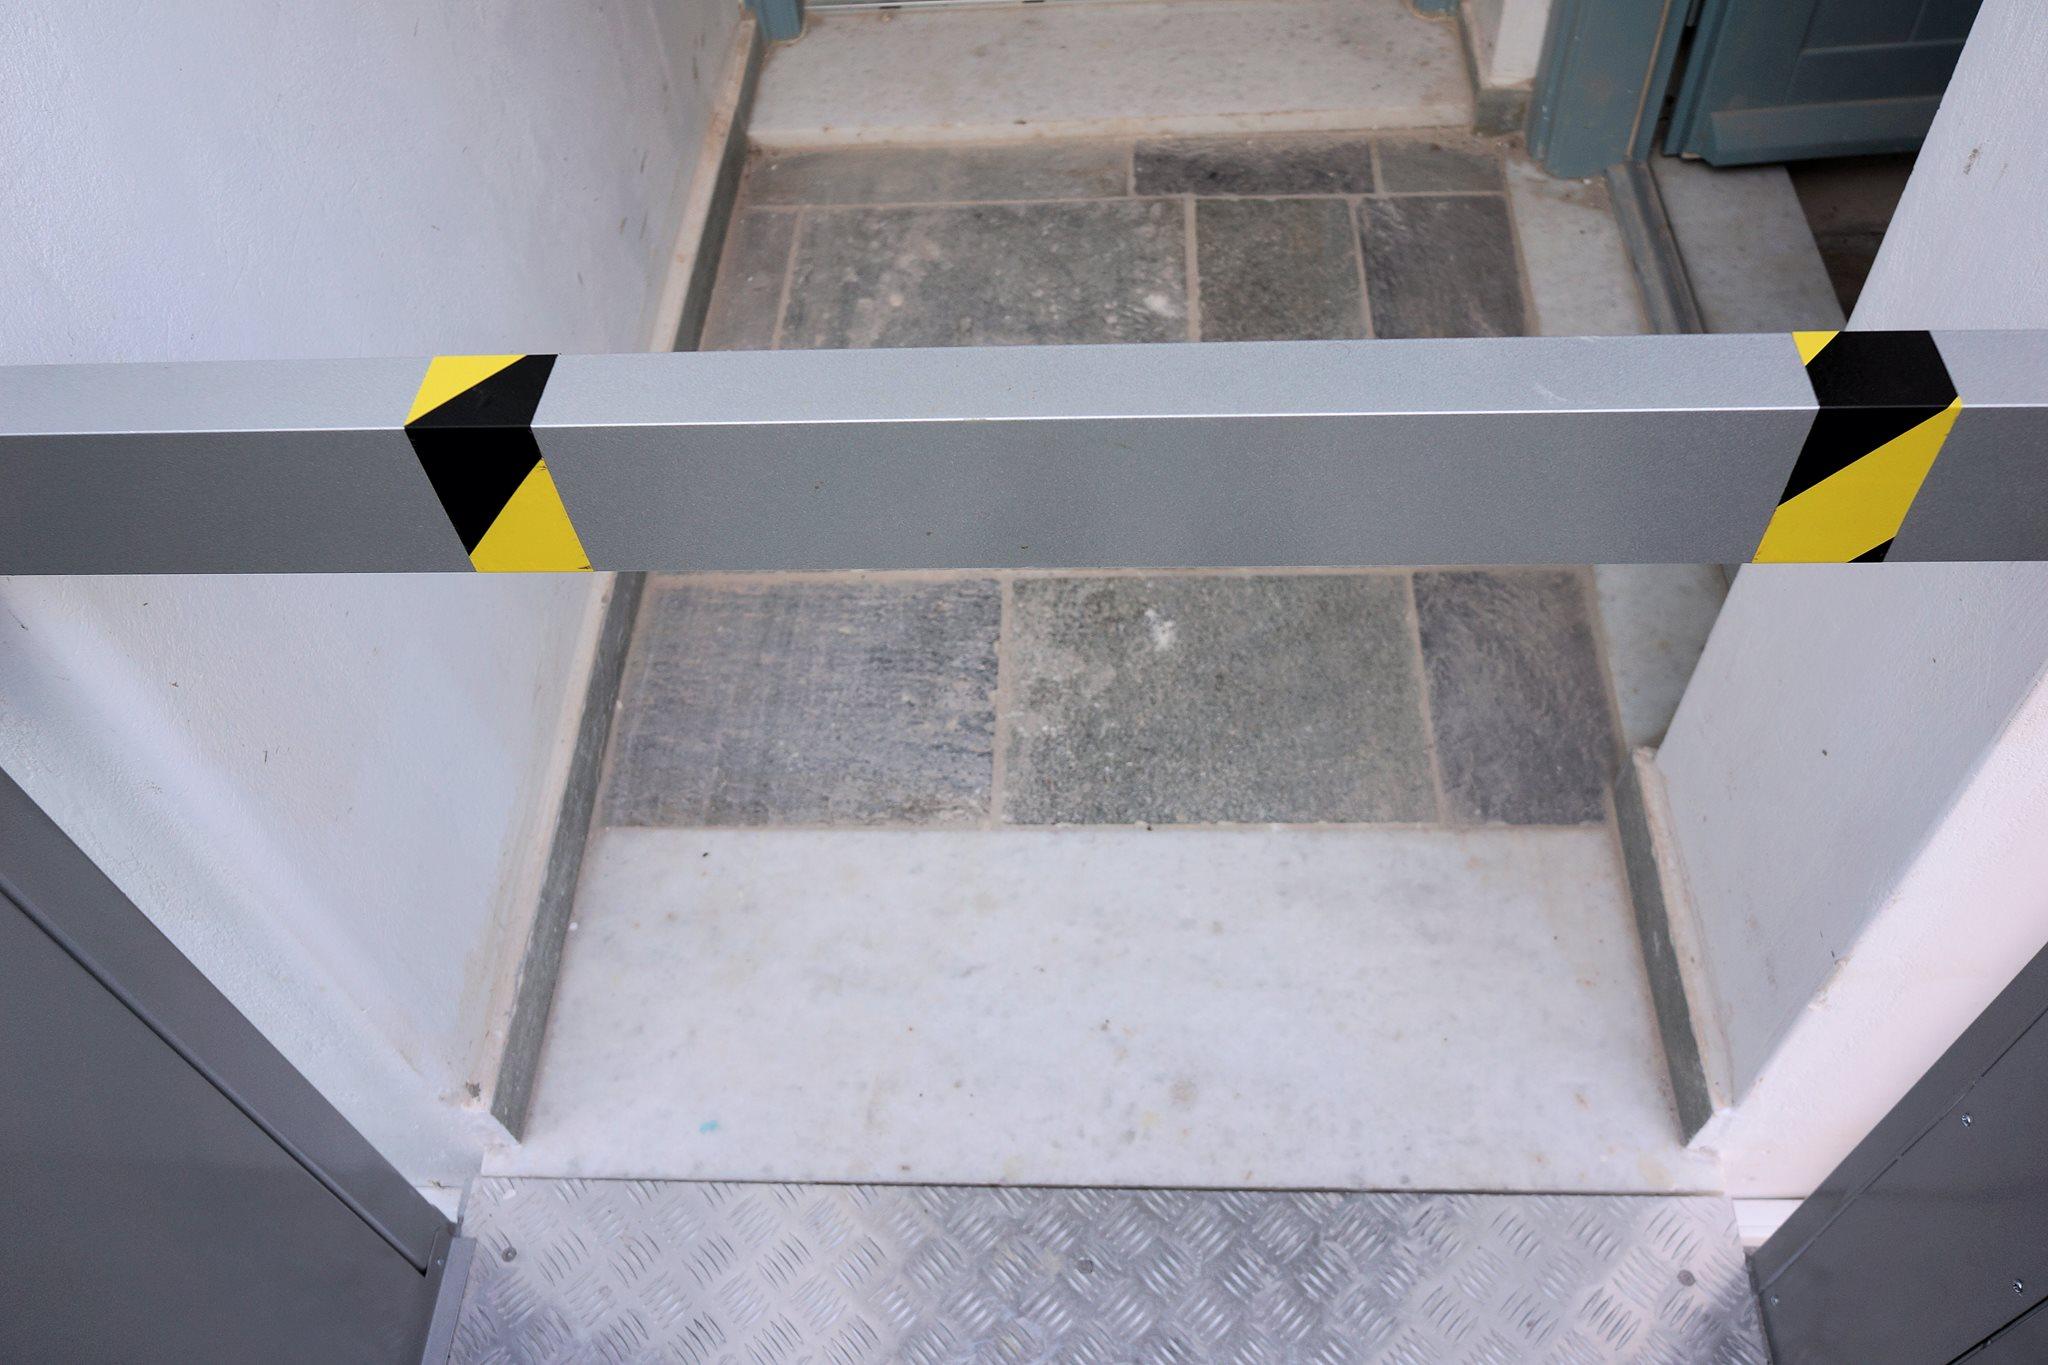 αναβατοριο ασανσερ εξωτερικο kleemann vertiplat (23)